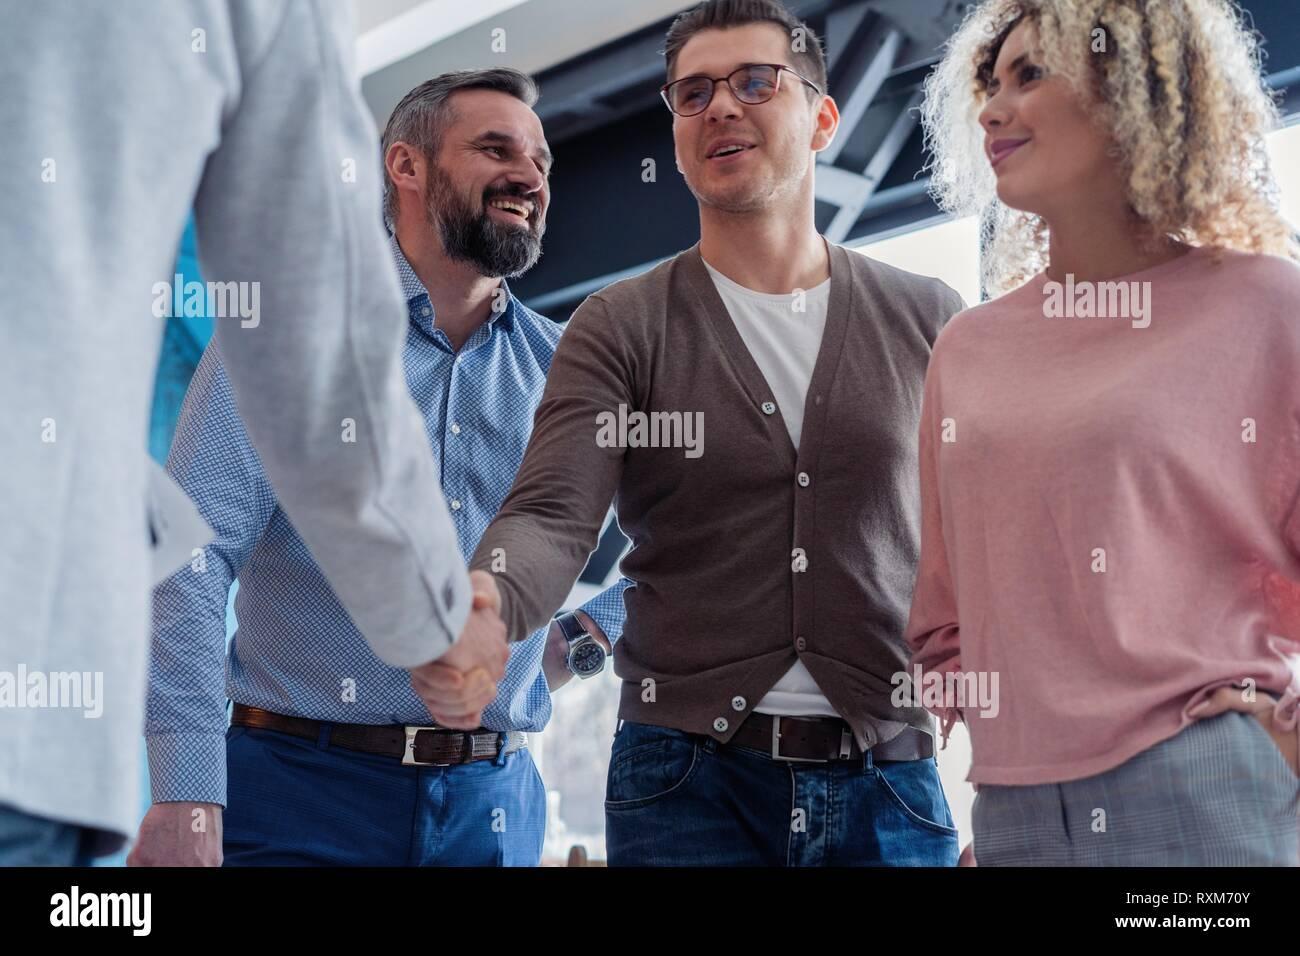 Froh, mit Ihnen zu arbeiten! Junge moderne Männer in Smart Casual Wear Hände schütteln und lächelnd, während in der kreativen Arbeiten im Büro. Stockfoto